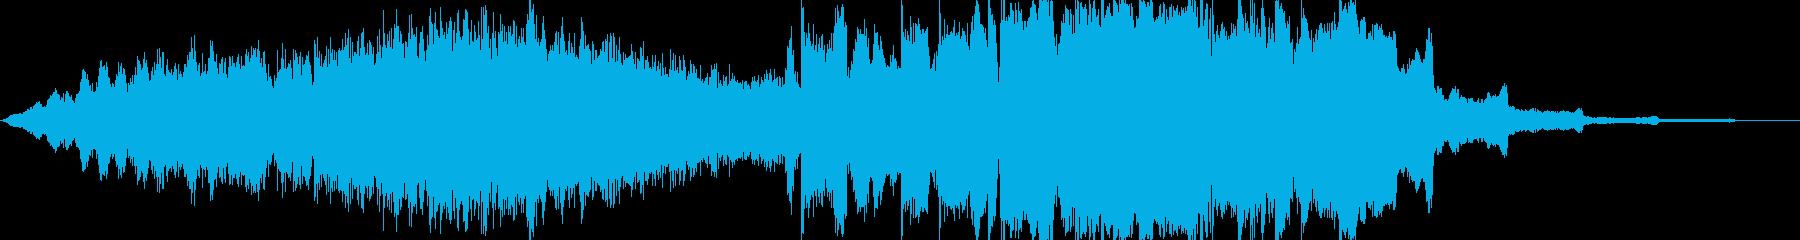 動画 技術的な 説明的 クール ア...の再生済みの波形